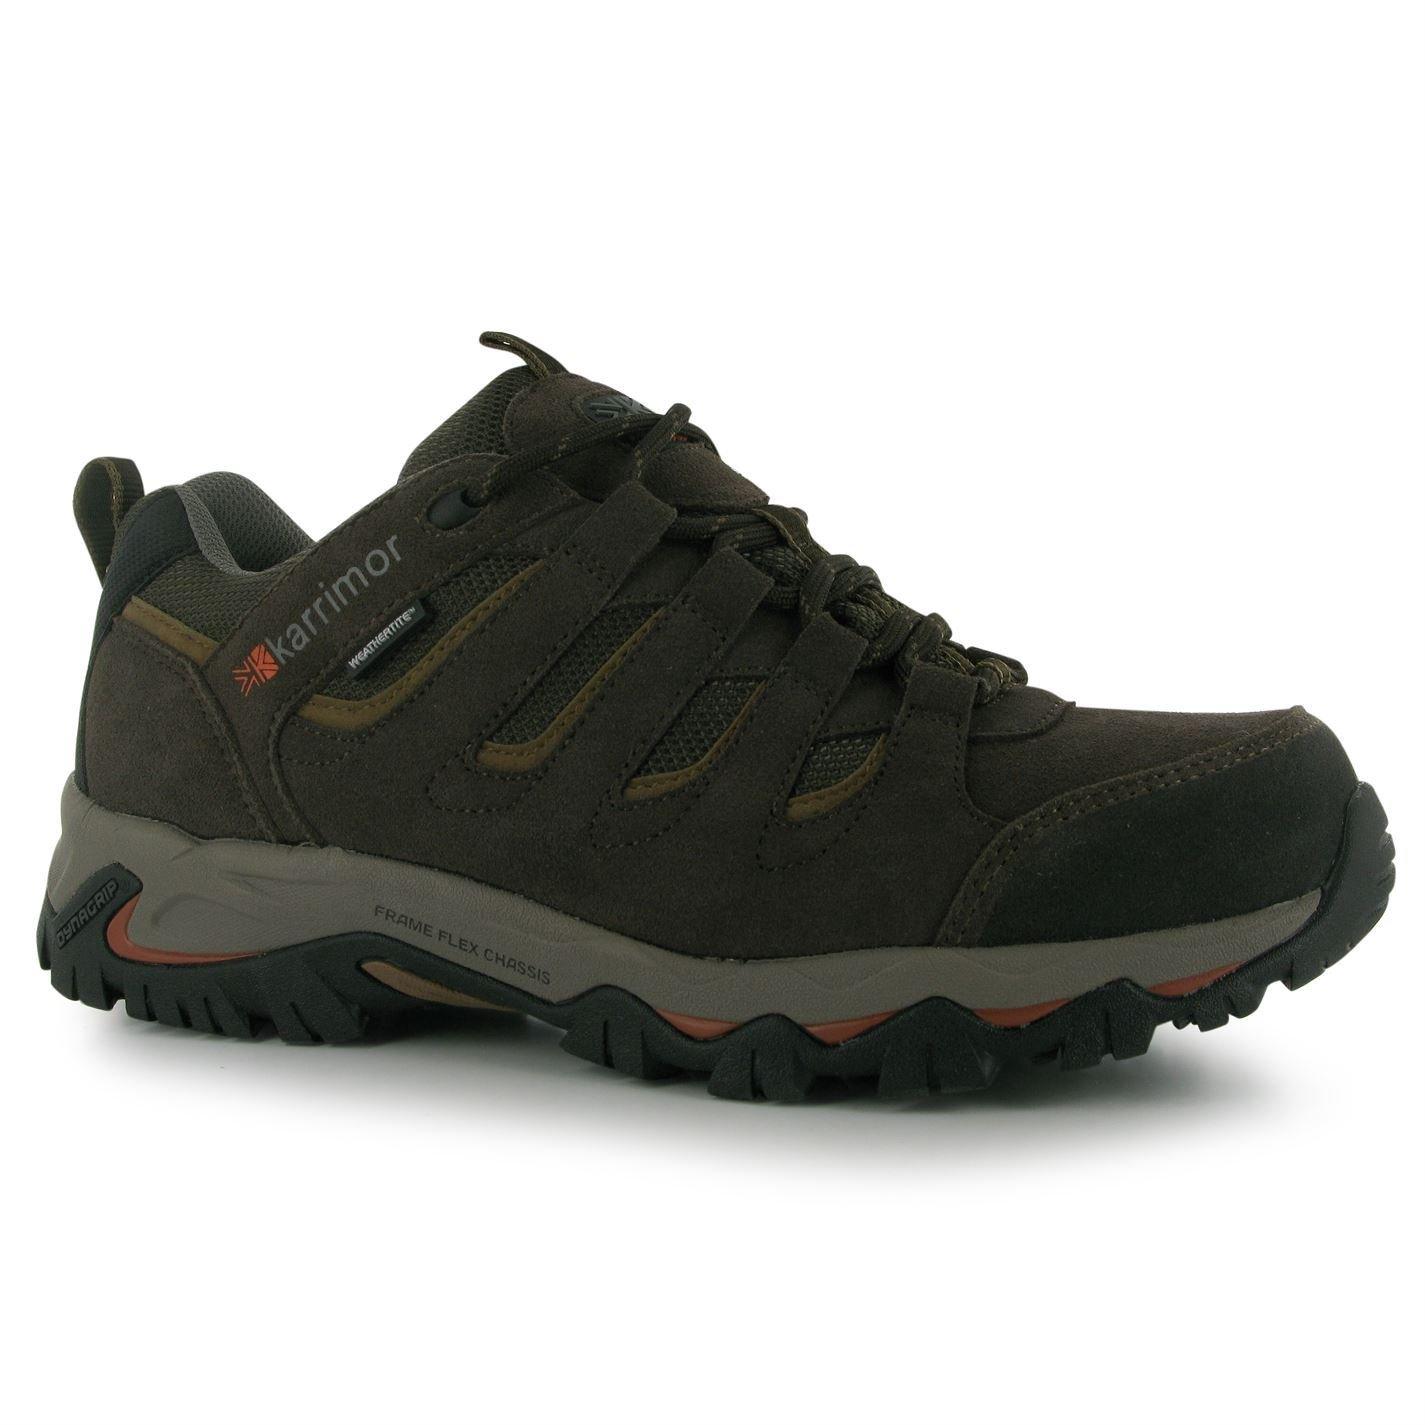 Karrimor Mens Mount Low Walking Shoes Lace up Treking Hiking 10 F(M) UK Brown